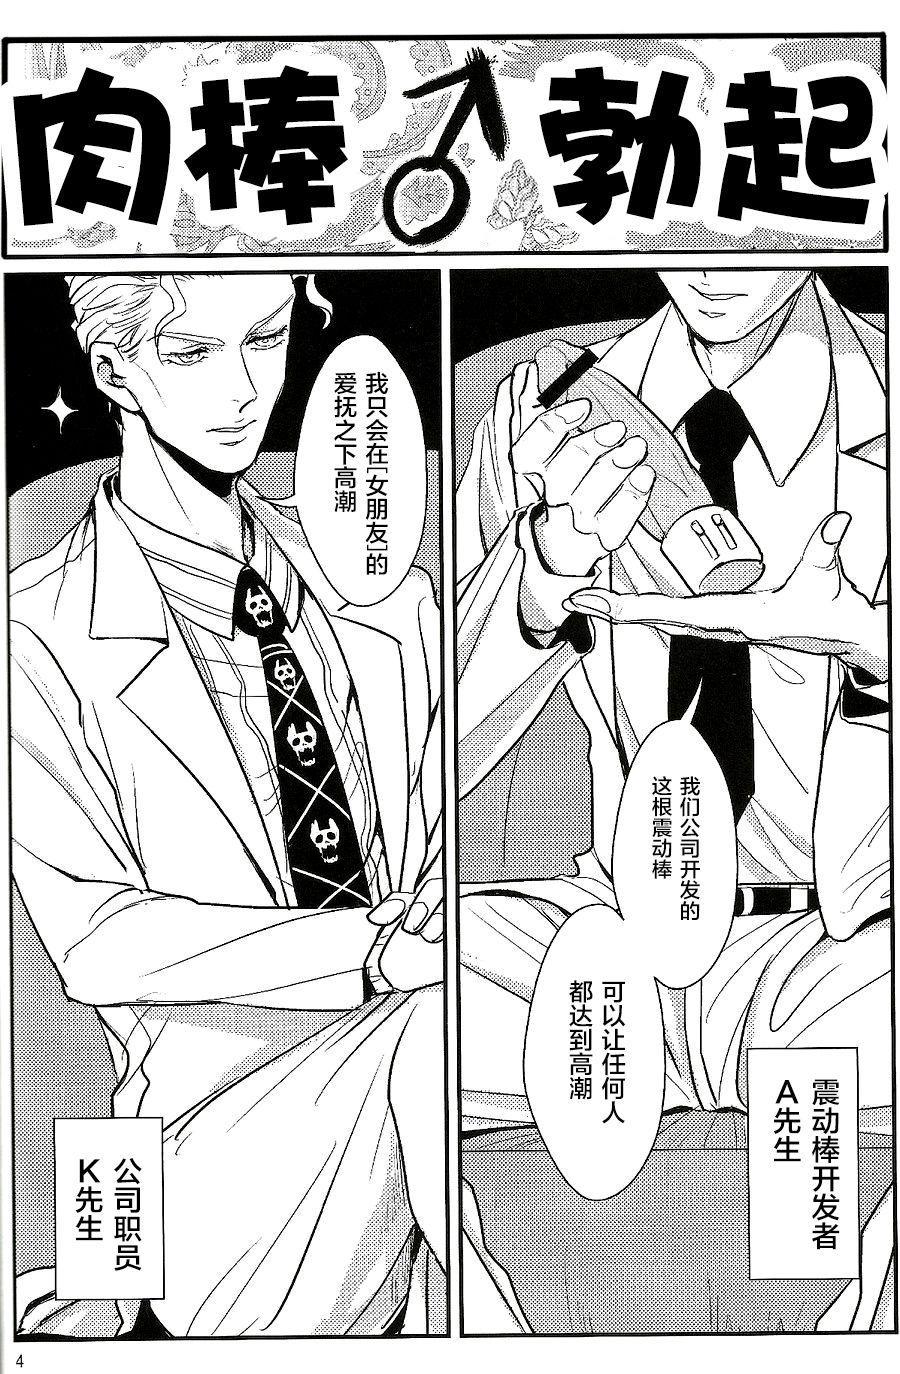 (C86) [Last Crime (U)] Jimoto de Itazura 4-renpatsu! Mori○chou de Mitsuketa S-kyuu Ryman Kira Yoshikage (33) (JoJo's Bizarre Adventure) [Chinese] [新桥月白日语社] 2